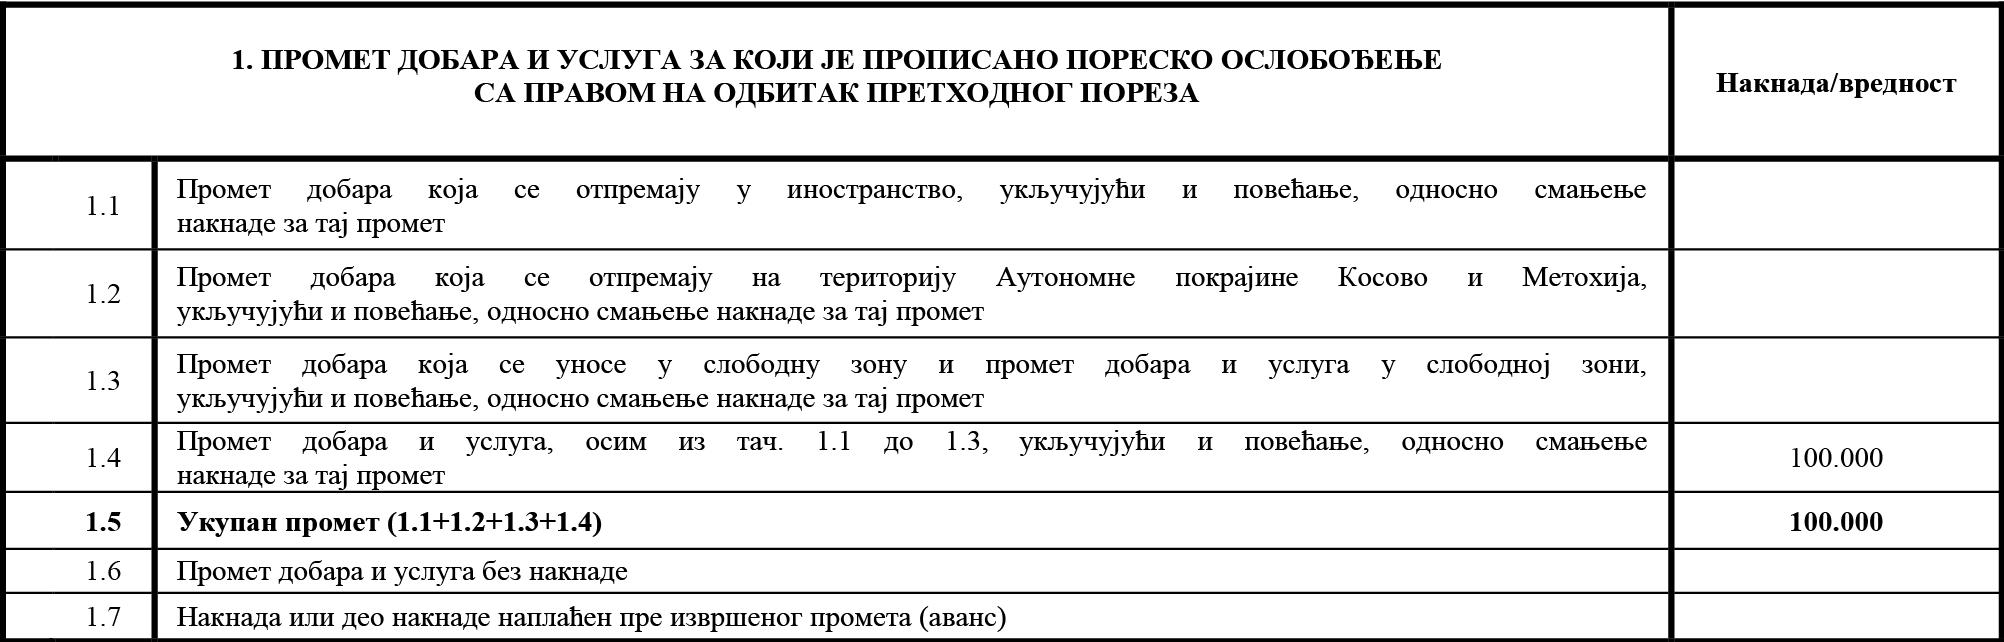 uputstvo PU obrazac POPDV primer 11